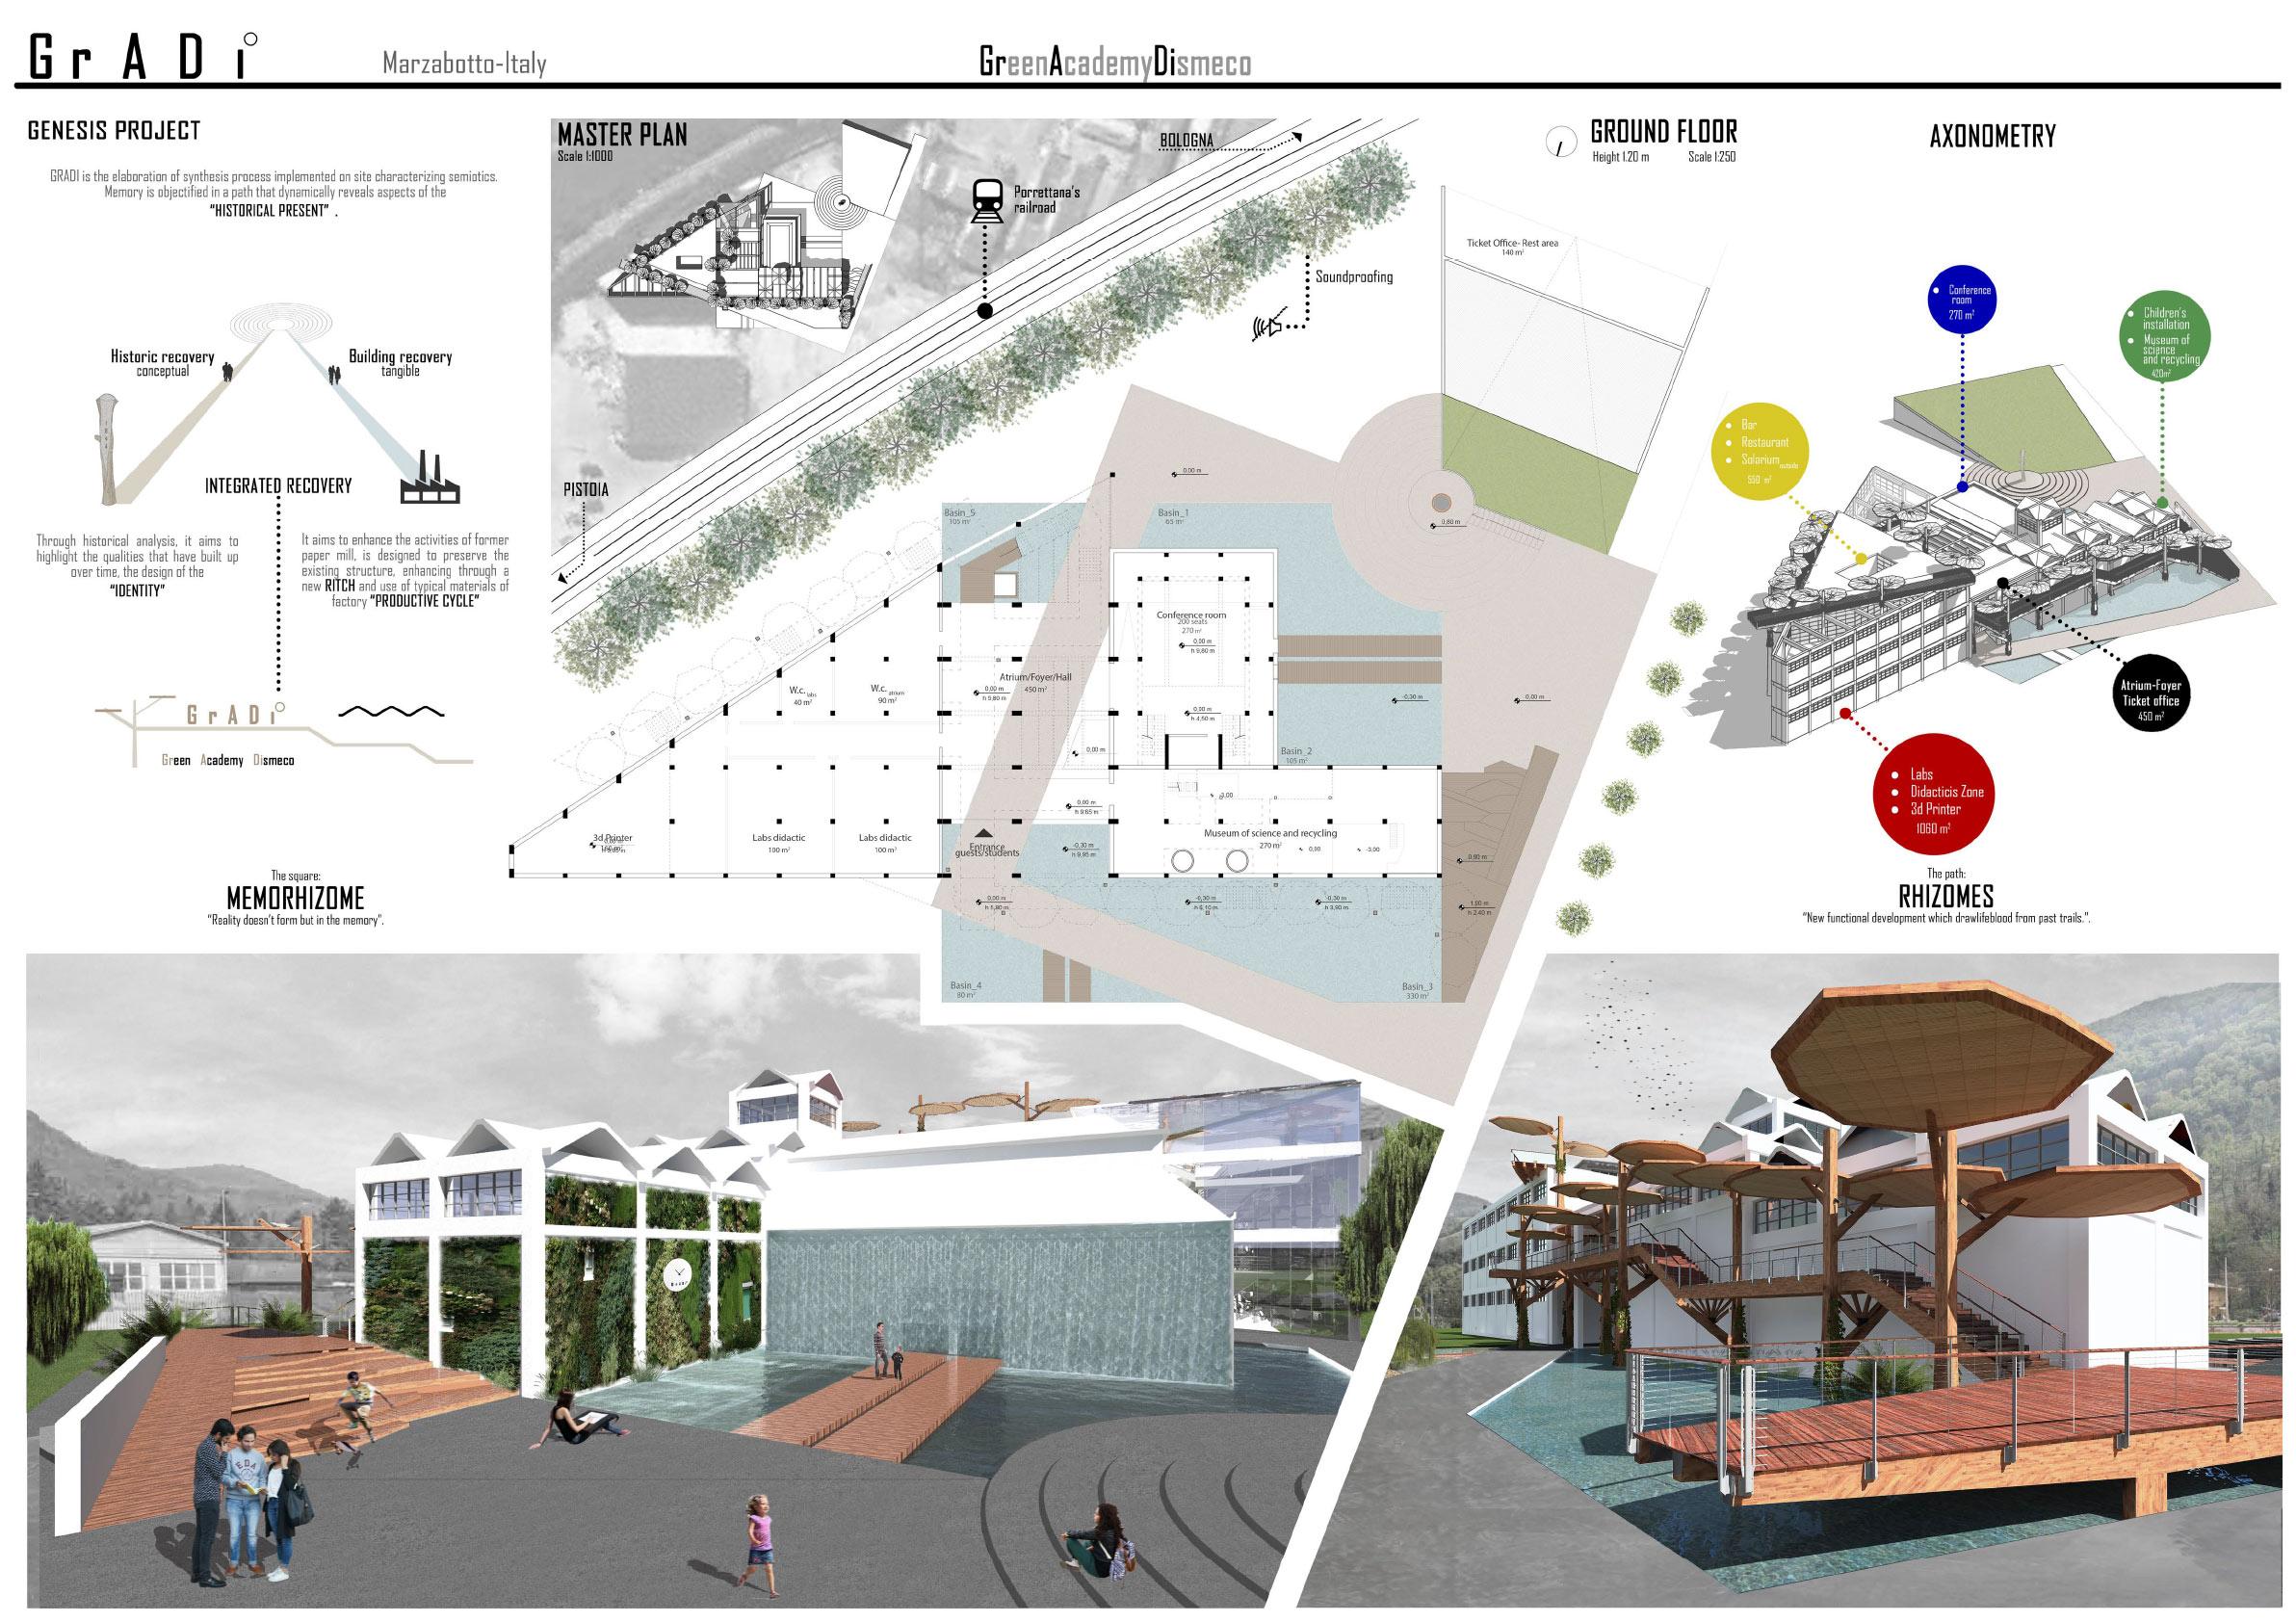 Tavola 1 - Planimetria e Concept